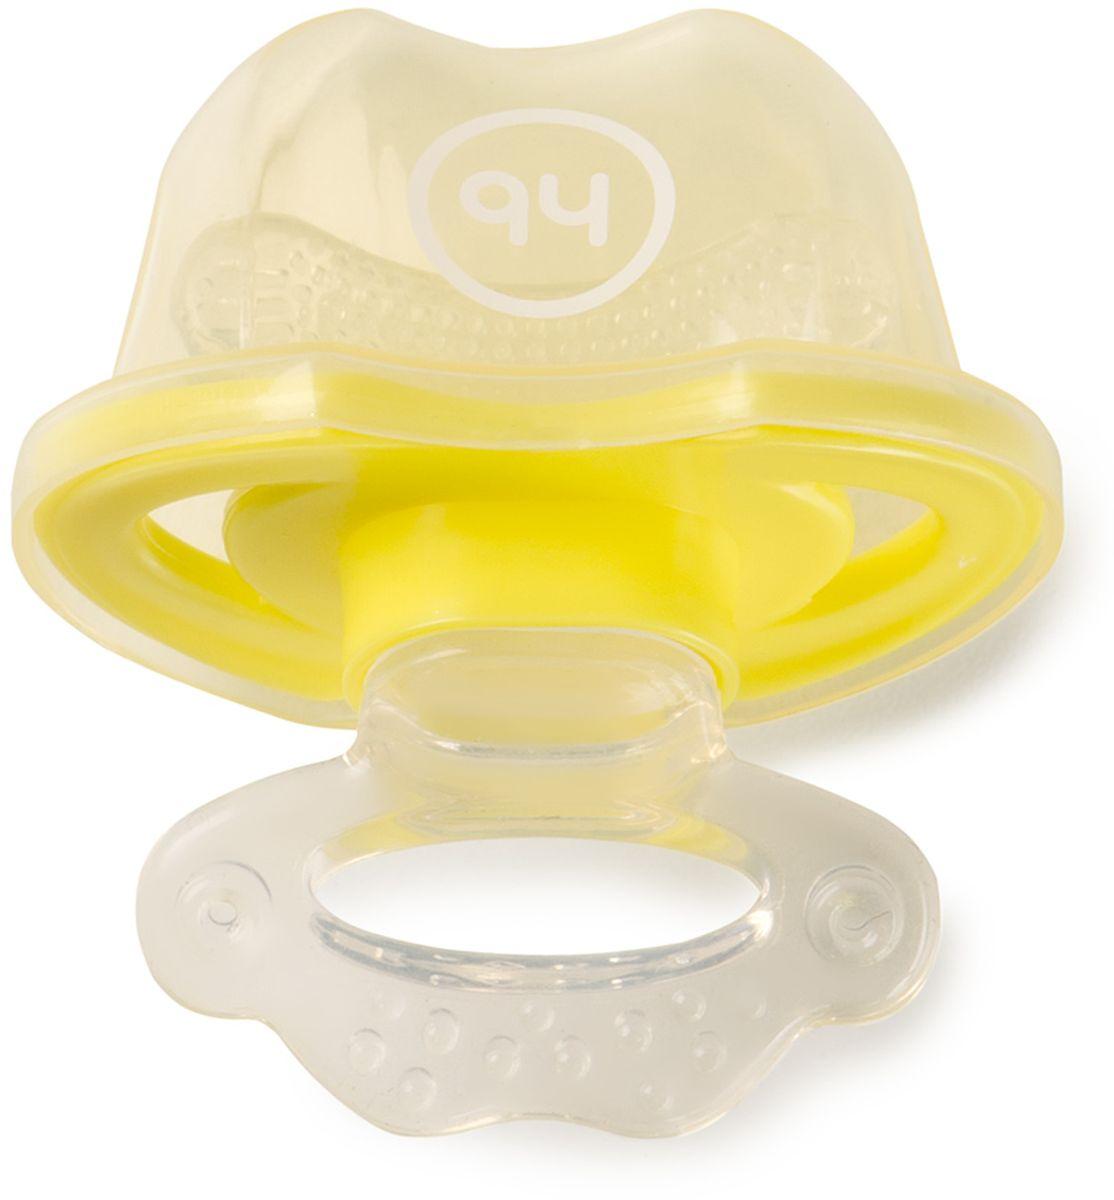 Happy Baby Прорезыватель цвет желтый happy baby прорезыватель мишка от 6 месяцев цвет желтый